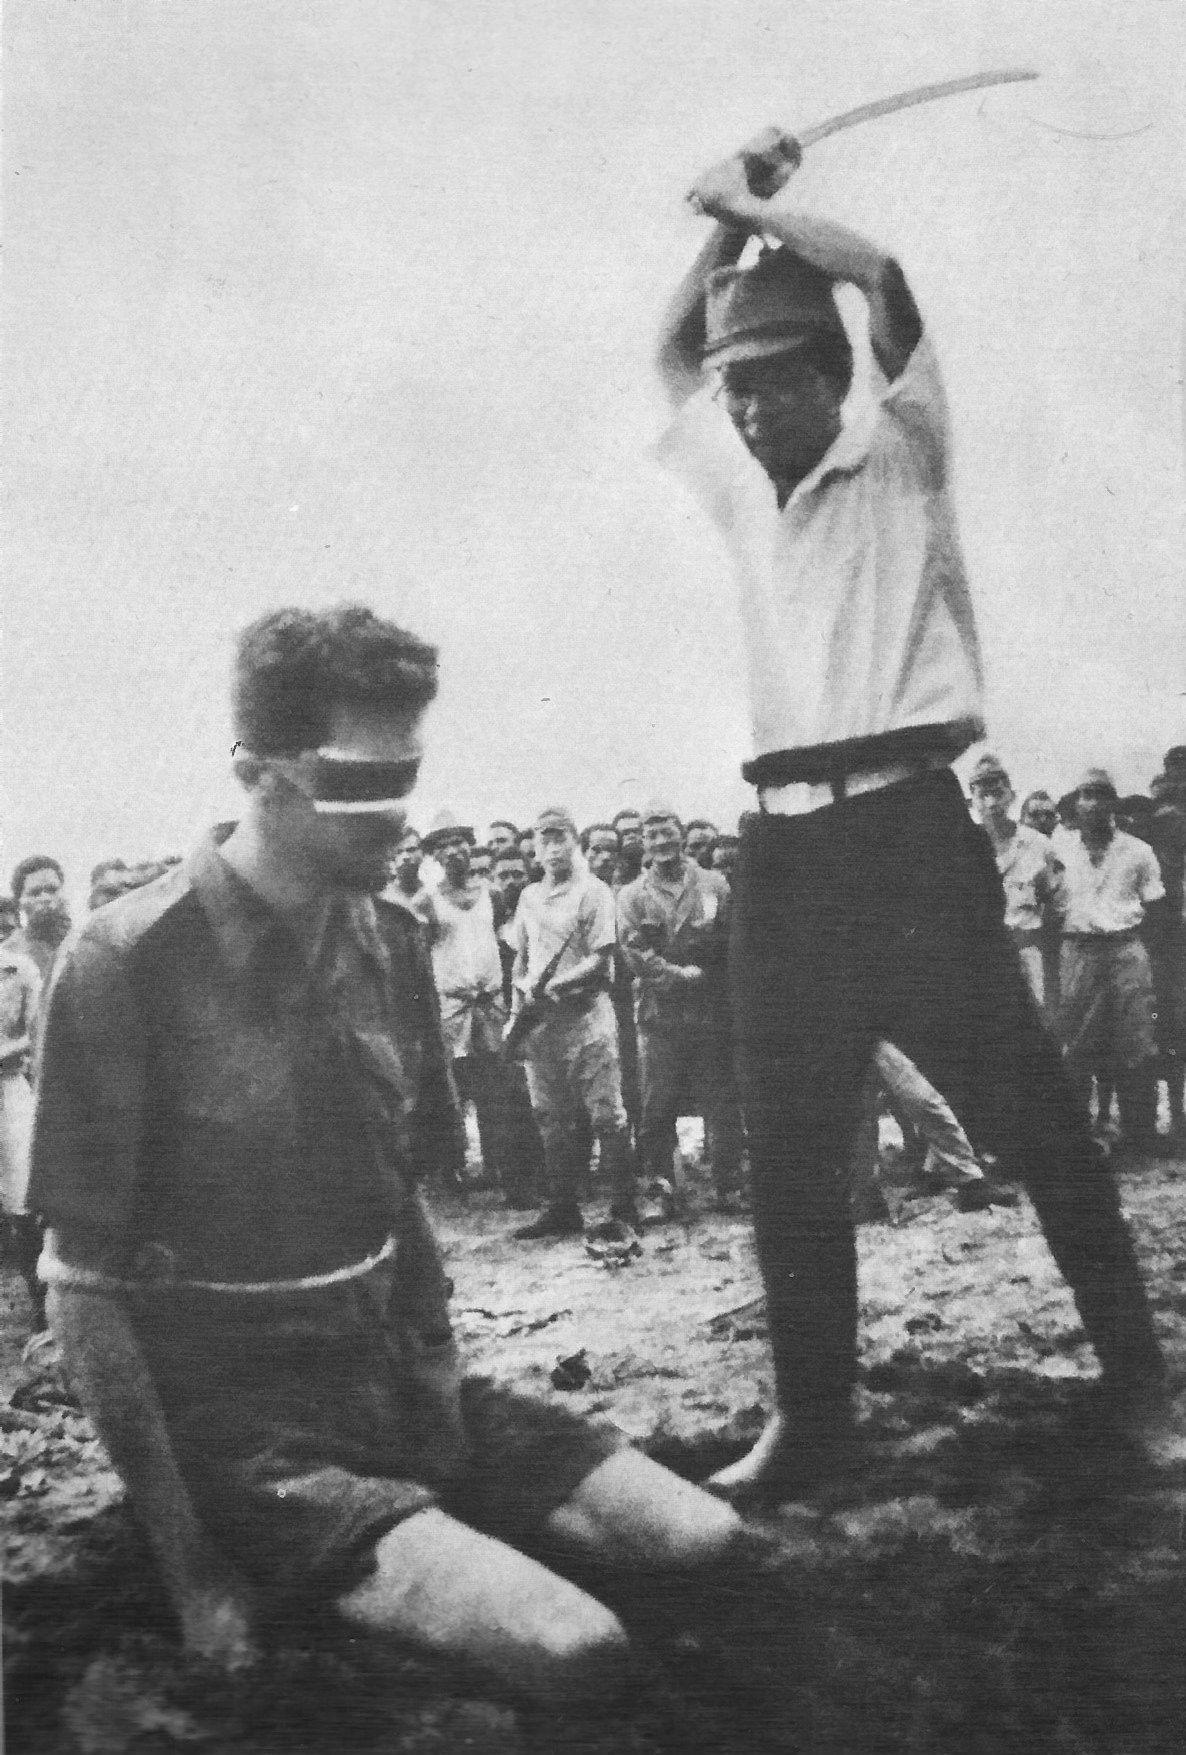 �Iliustruotoji istorija�: baisiausi Japonijos karo nusikaltimai